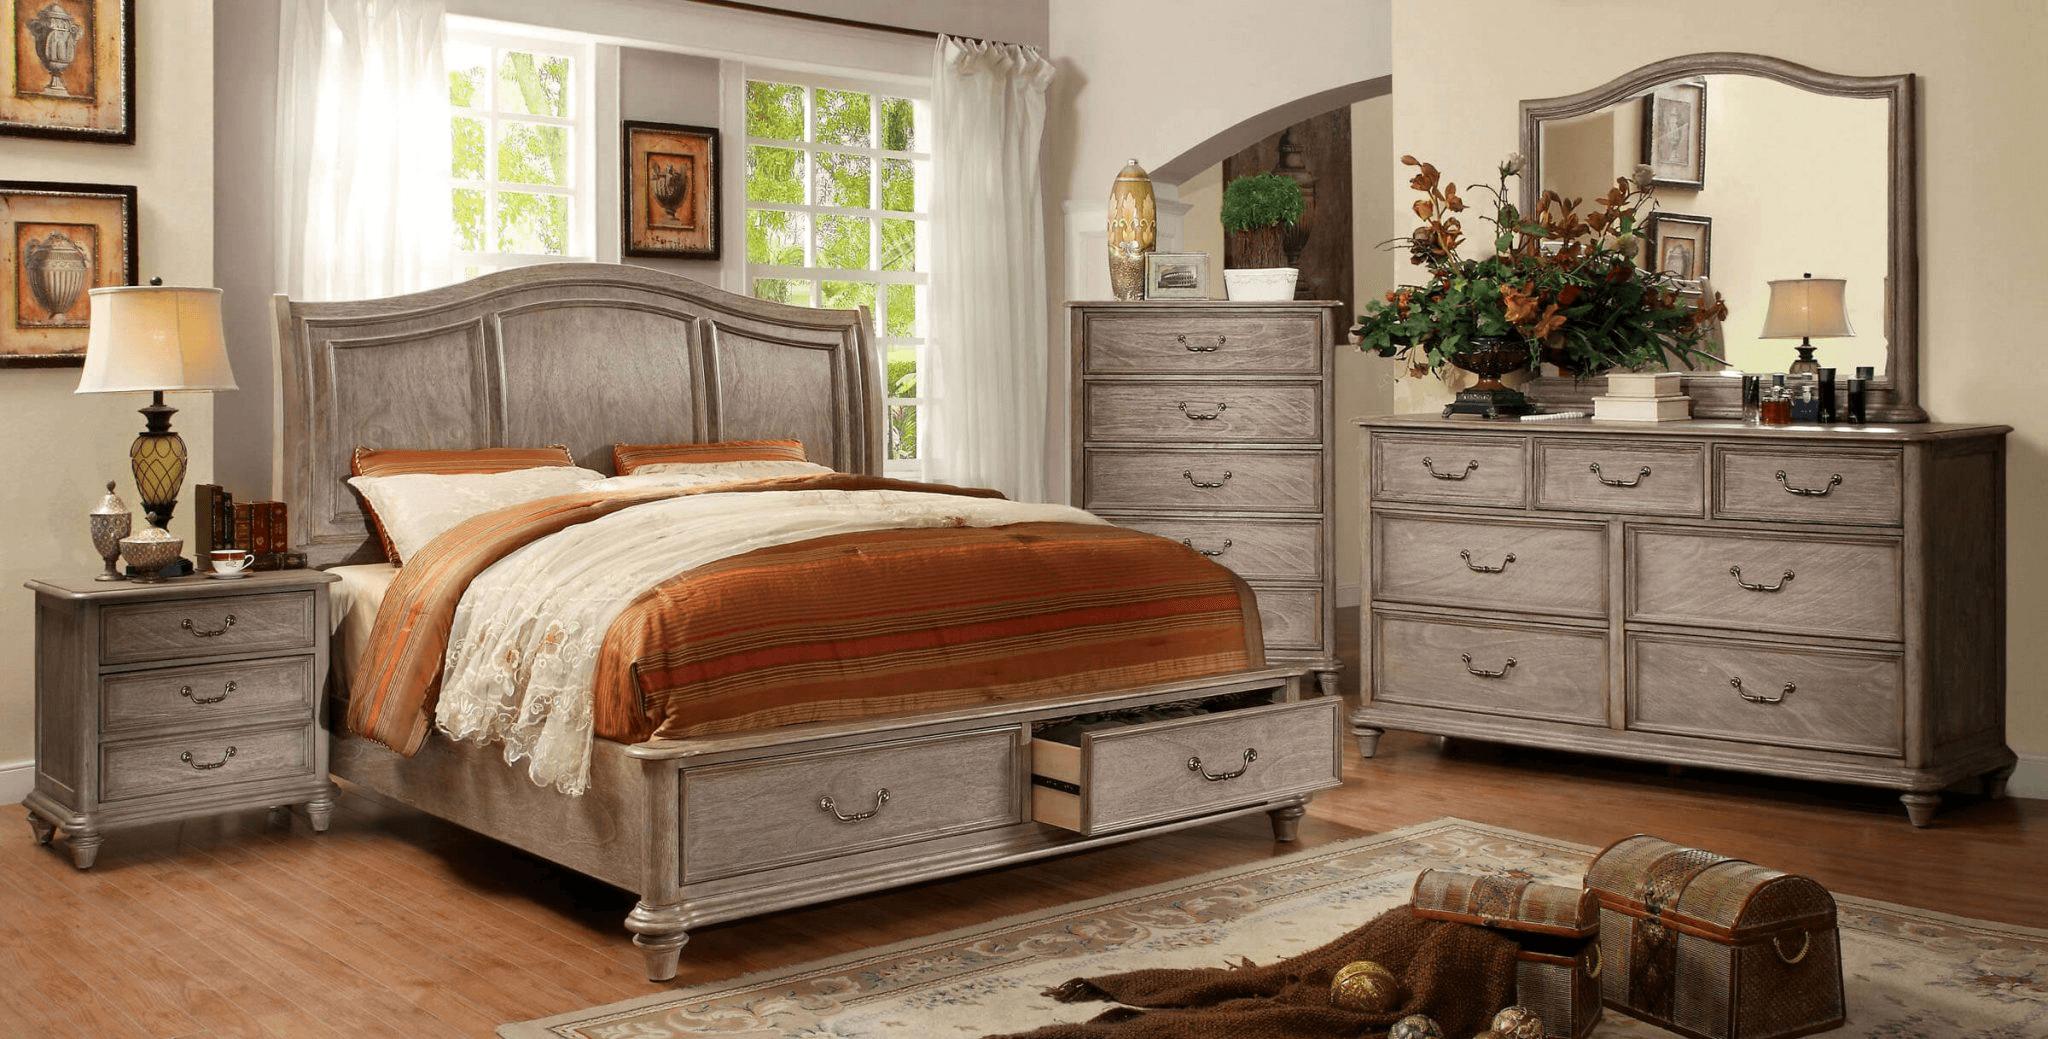 Rustic design bedroom furniture sets